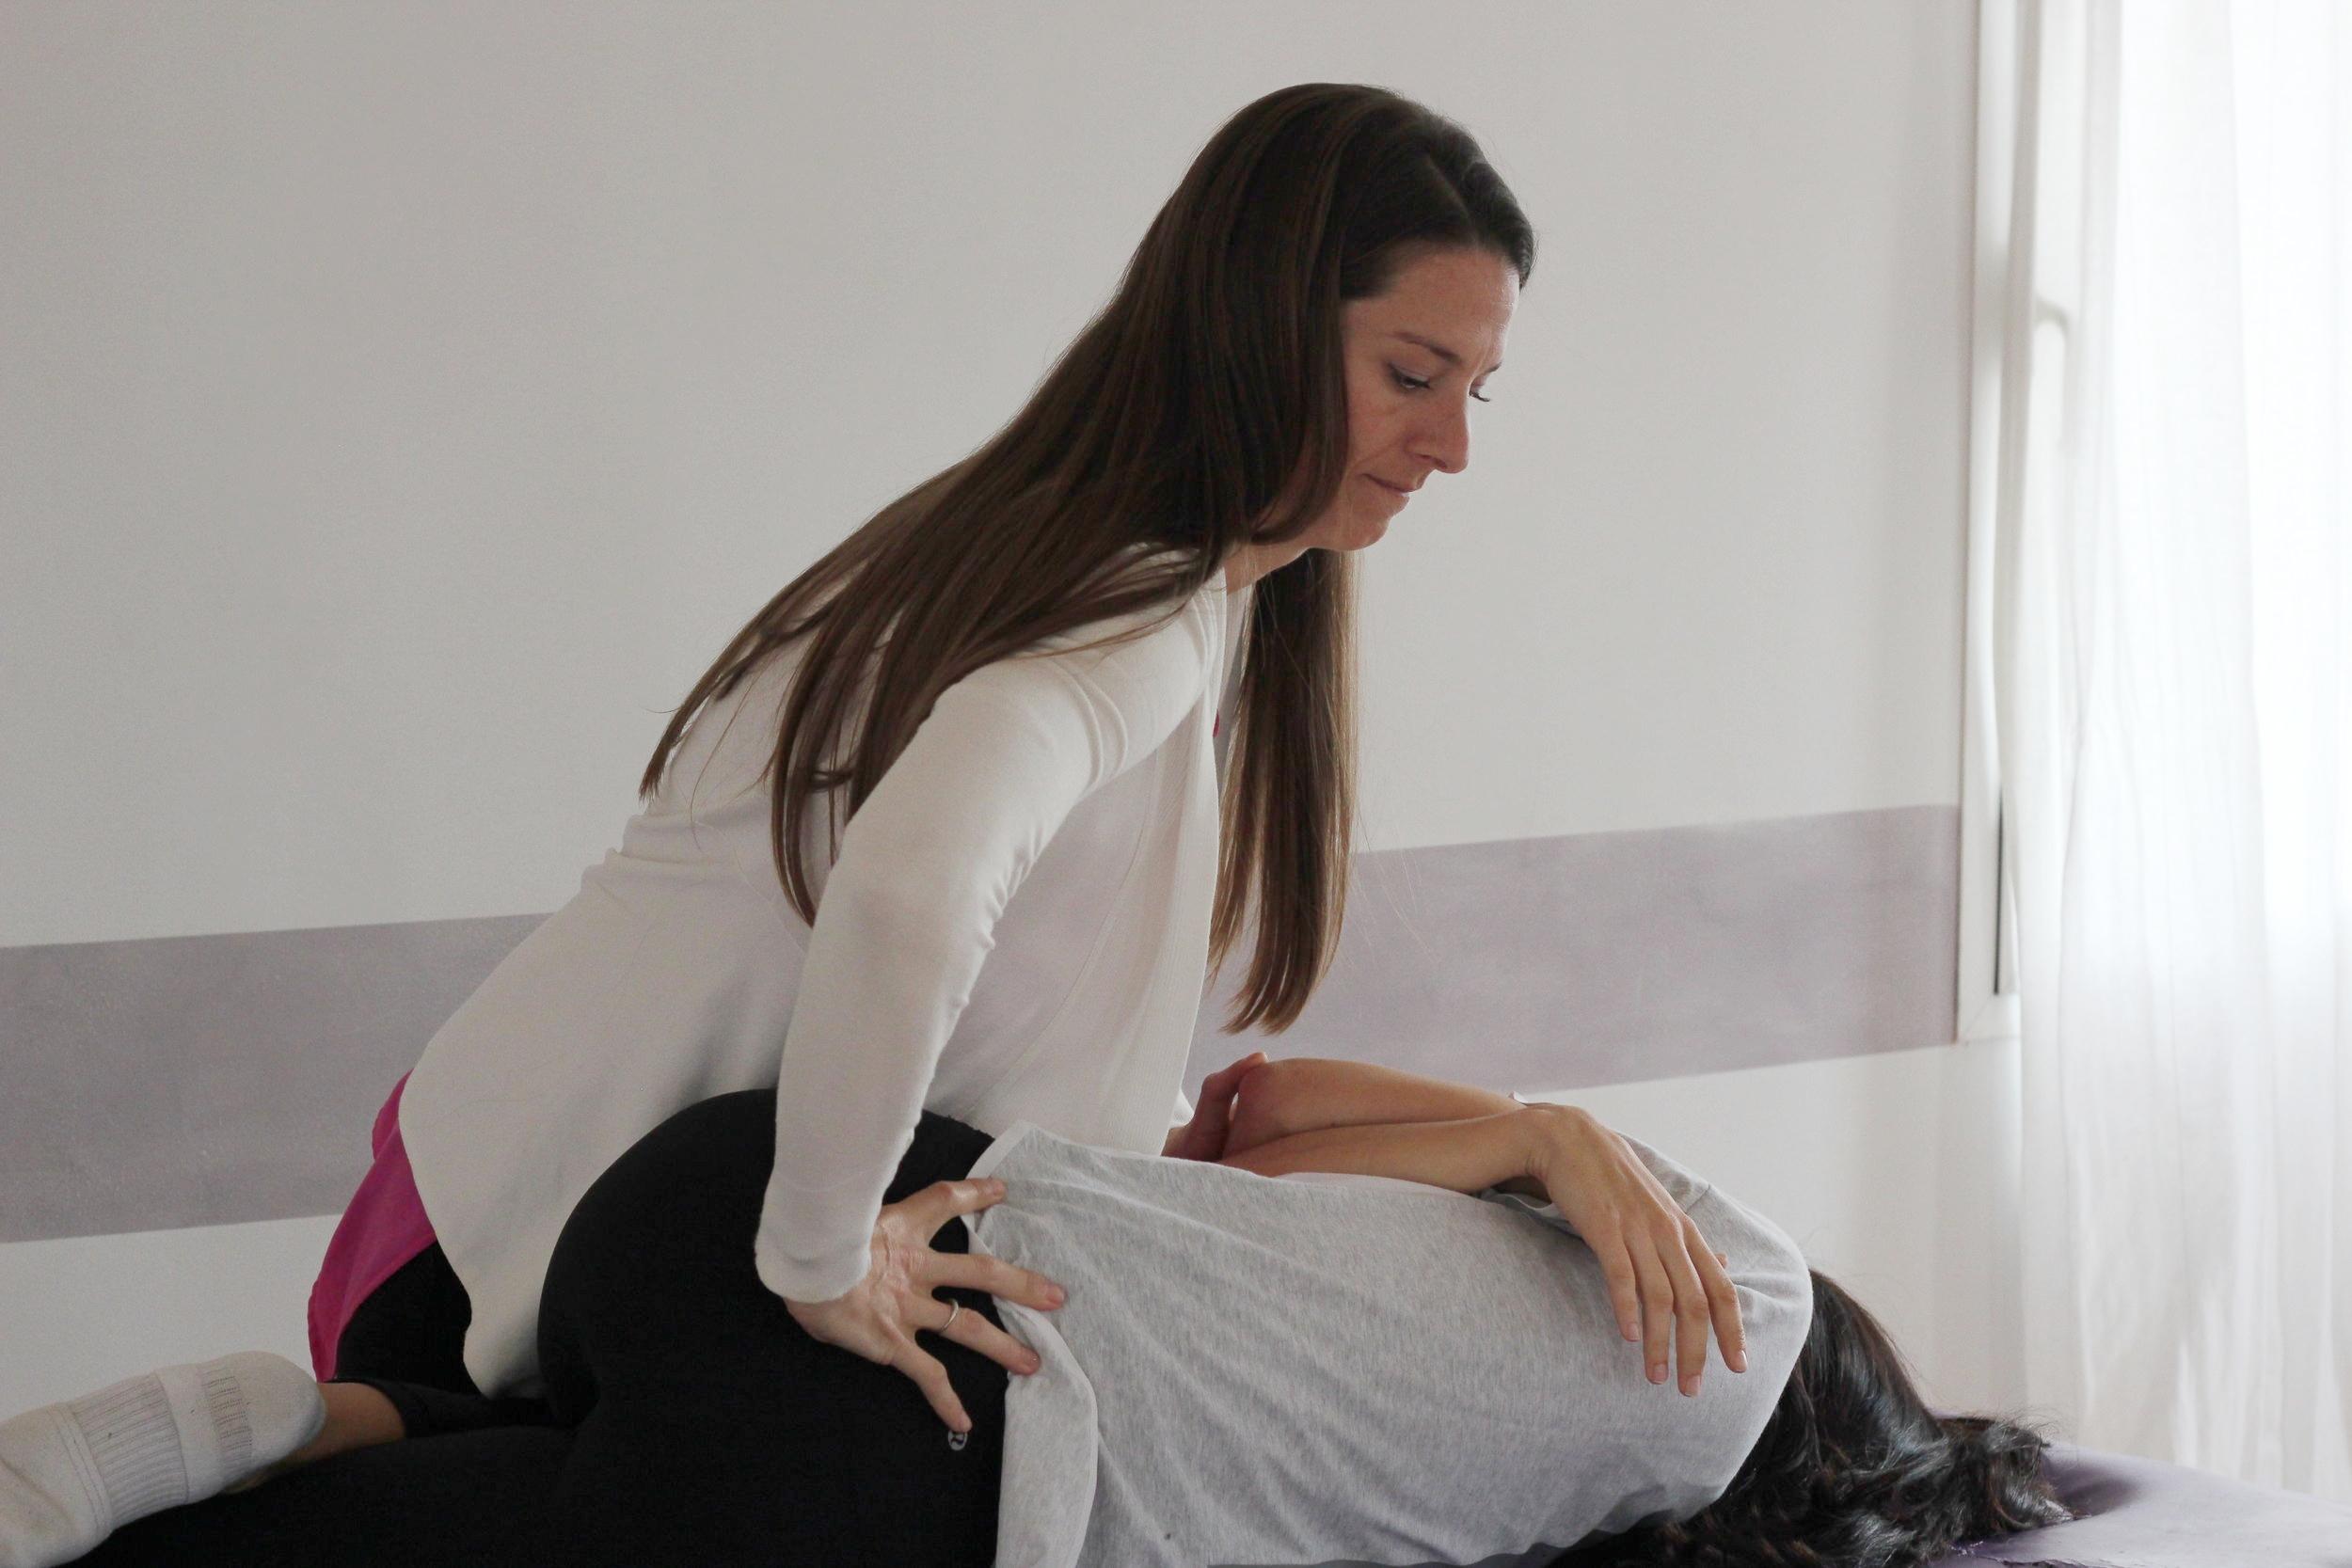 Dr. Julie giving a low back adjustment